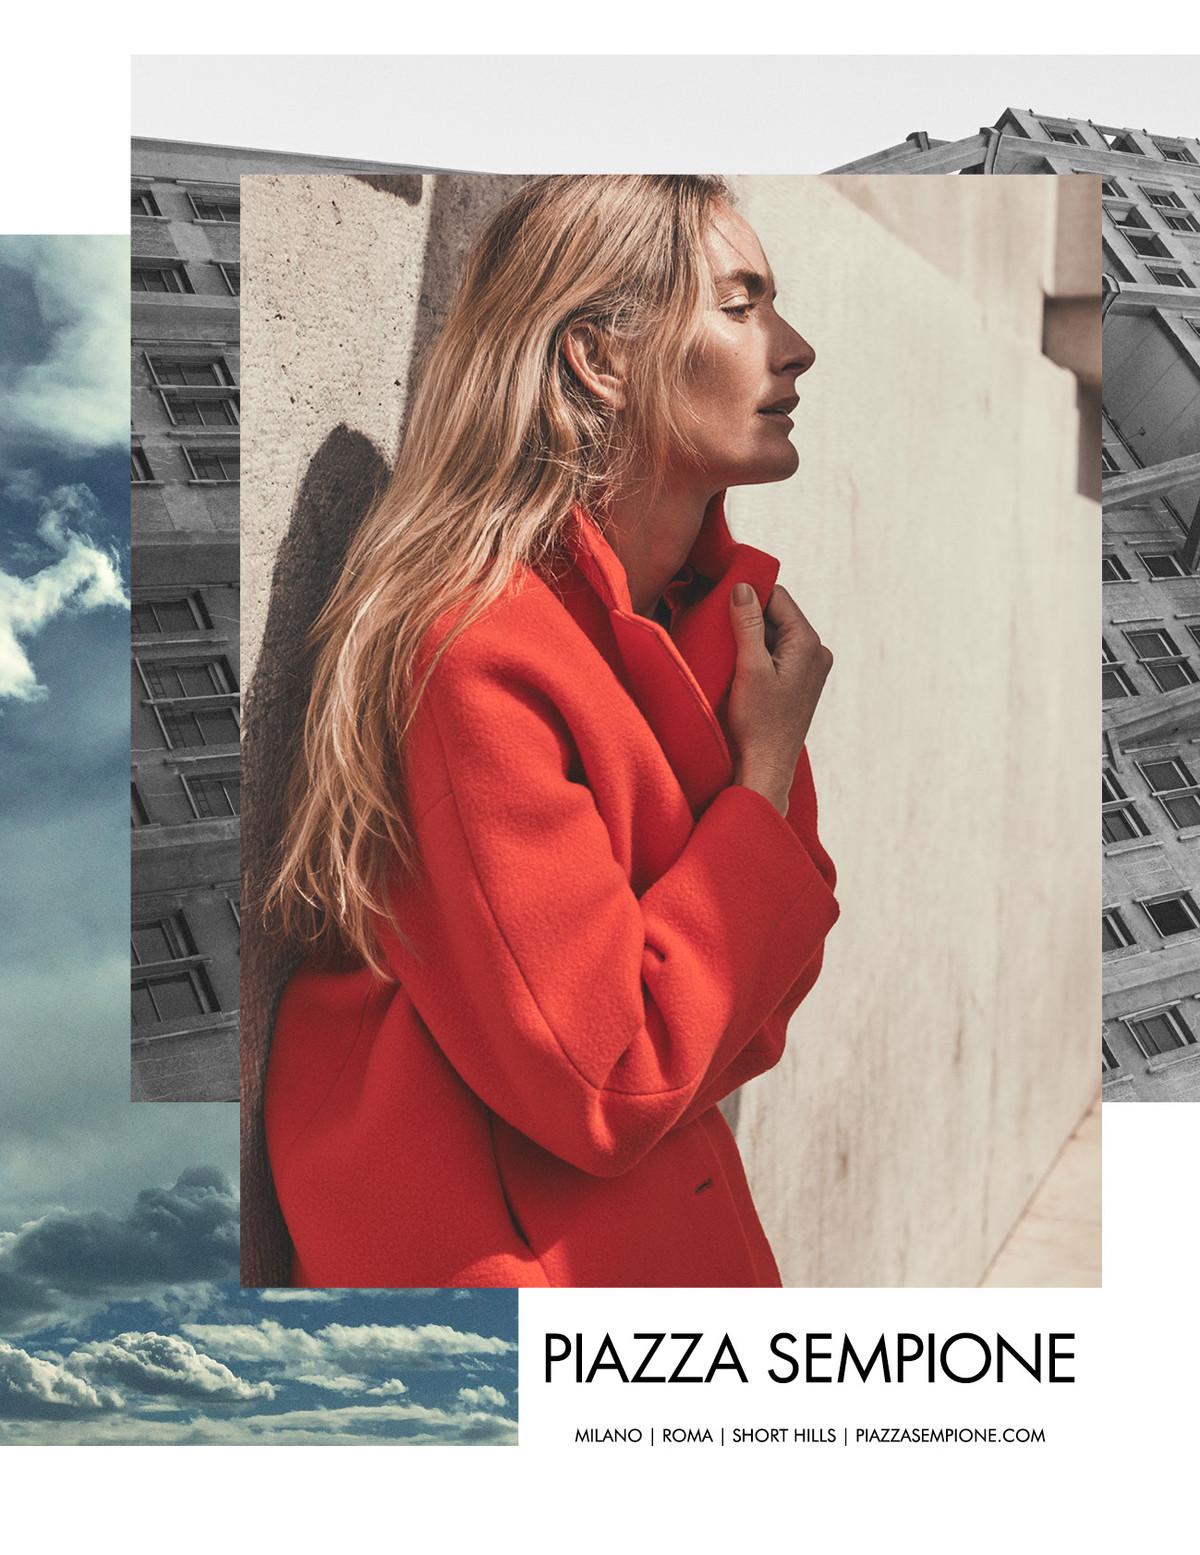 Piazza Sempione Campaign AW 2019/2020